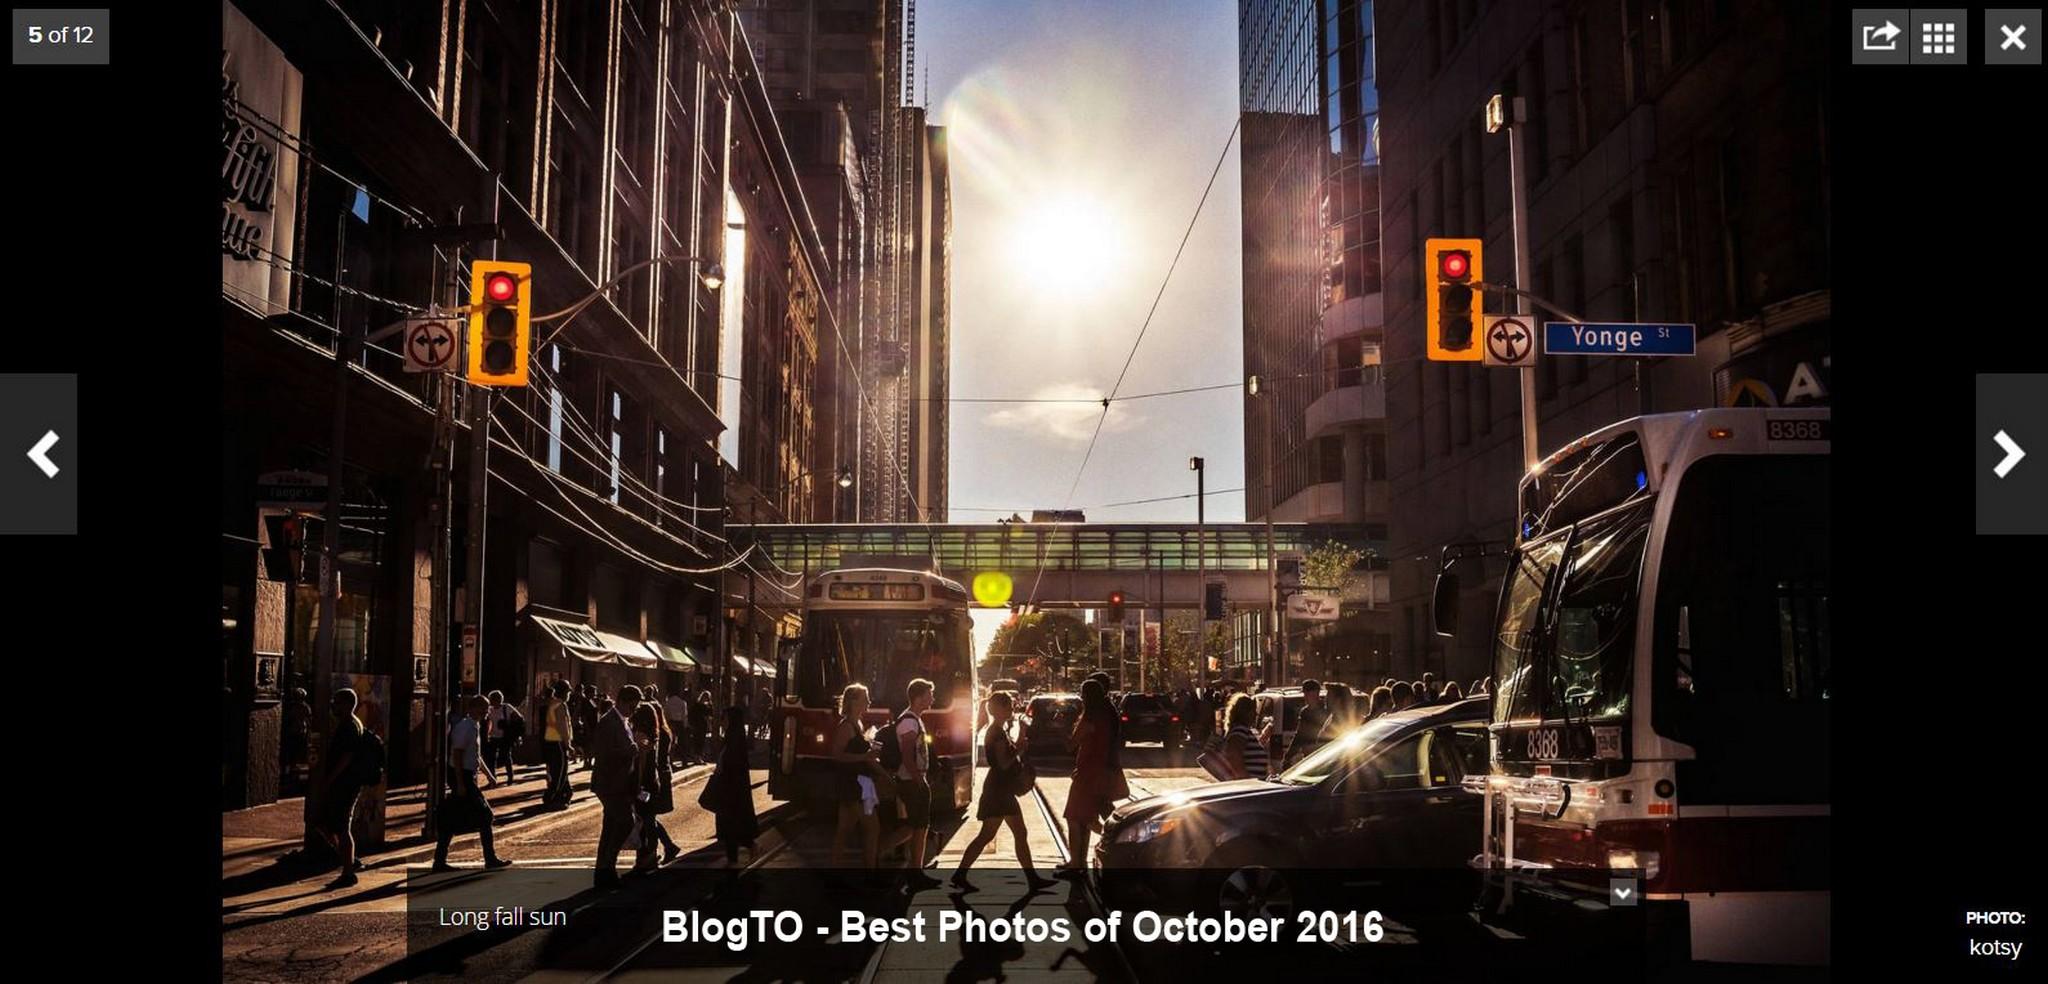 2016-10 - BlogTO 2.jpg